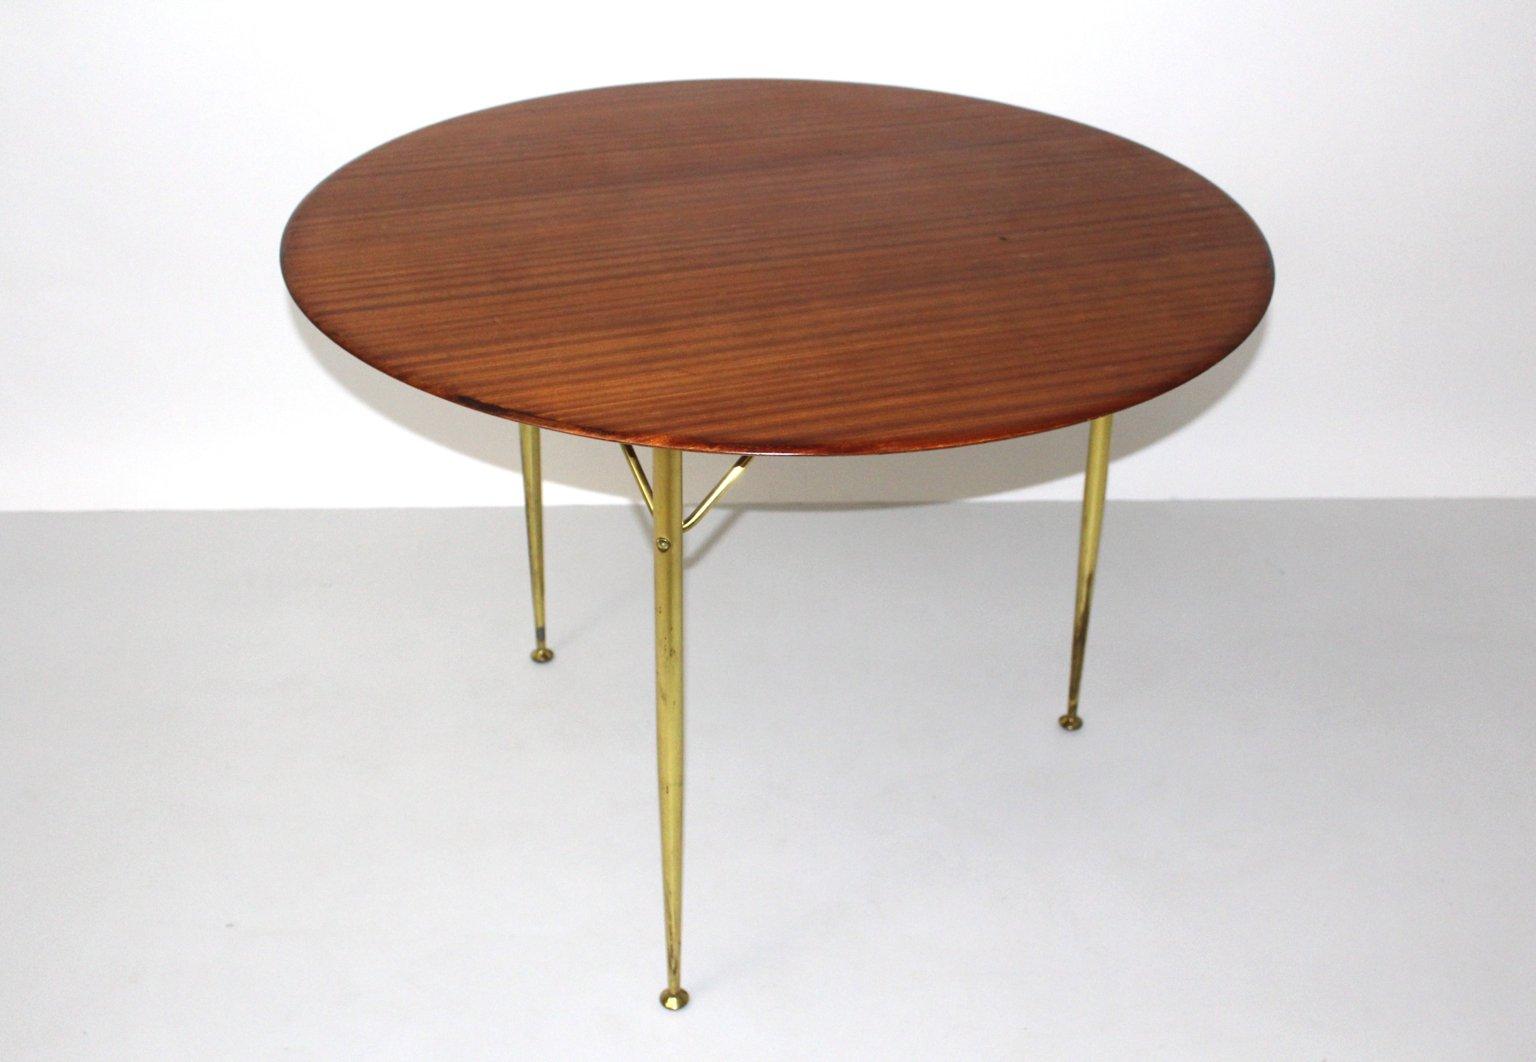 d nischer tisch mit dreifu von arne jacobsen f r fritz. Black Bedroom Furniture Sets. Home Design Ideas